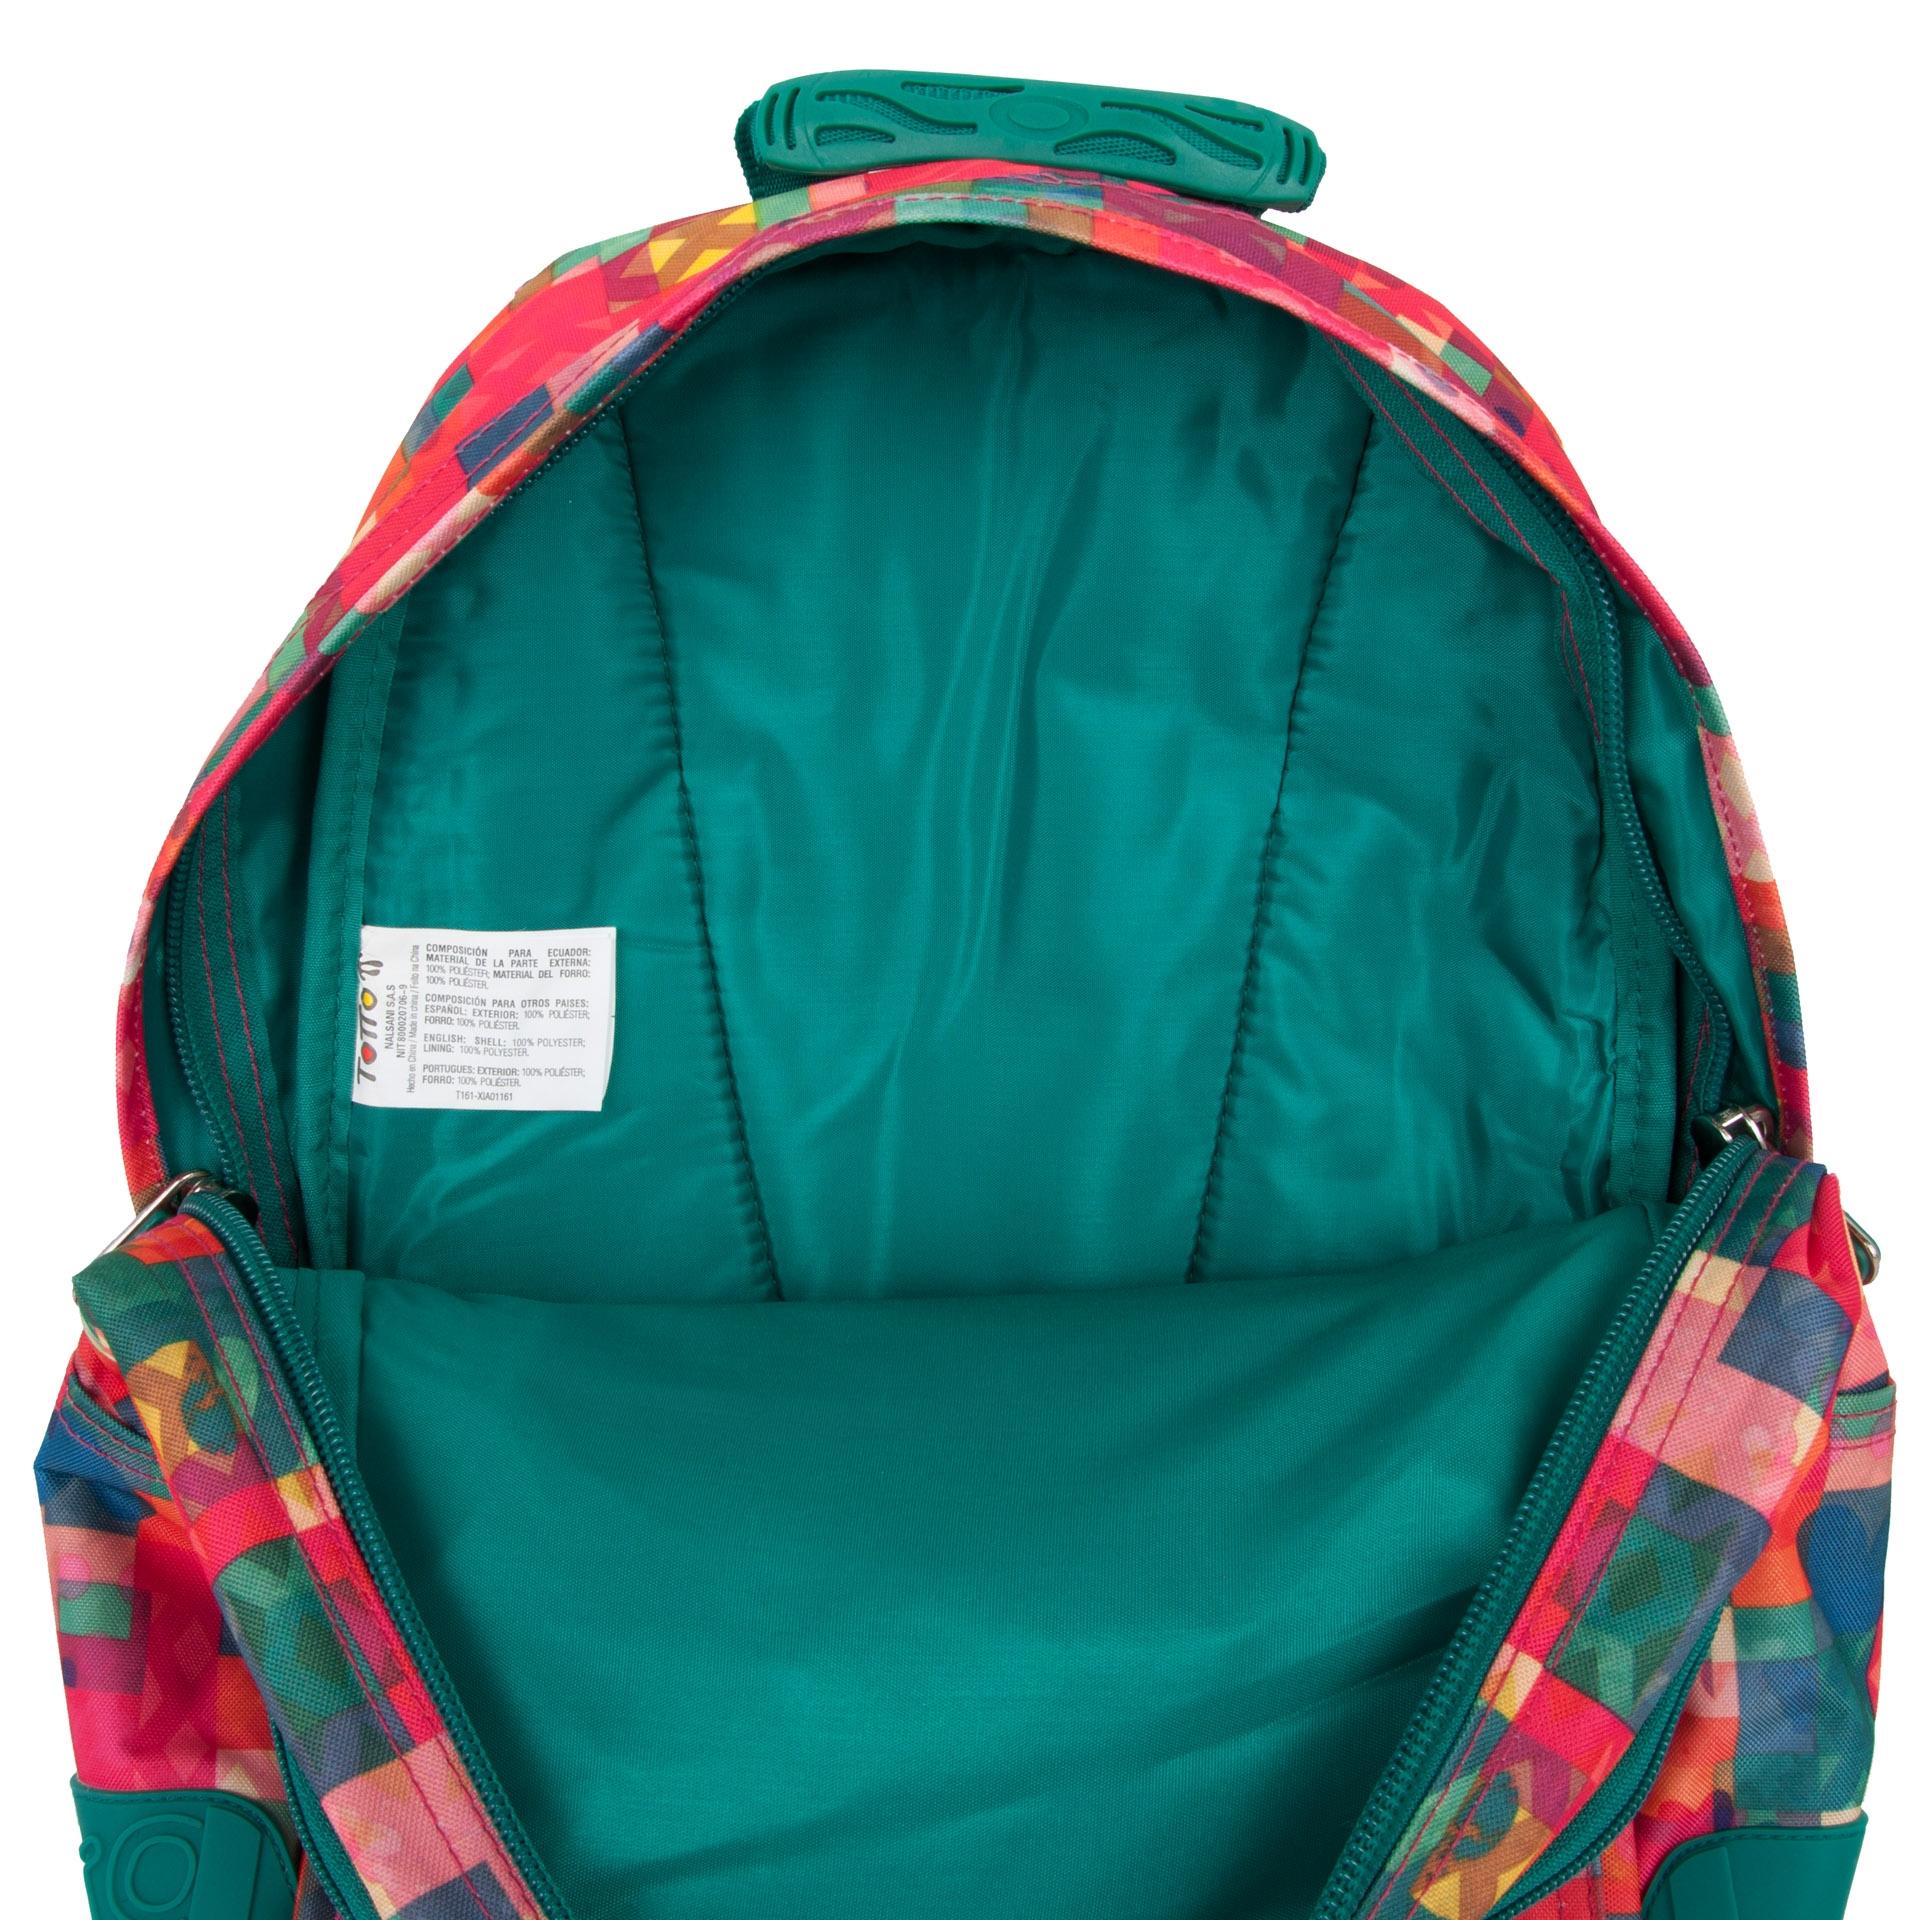 Totto Crayola Multicolor Patchwork Dizajnový batoh Crayola s ergonomickým chrbtovým panelom a esovitými ramennými popruhmi zaistí pohodlné nosenie a vďaka pekným motívom oživí každodennú cestu do školy aj naspať.